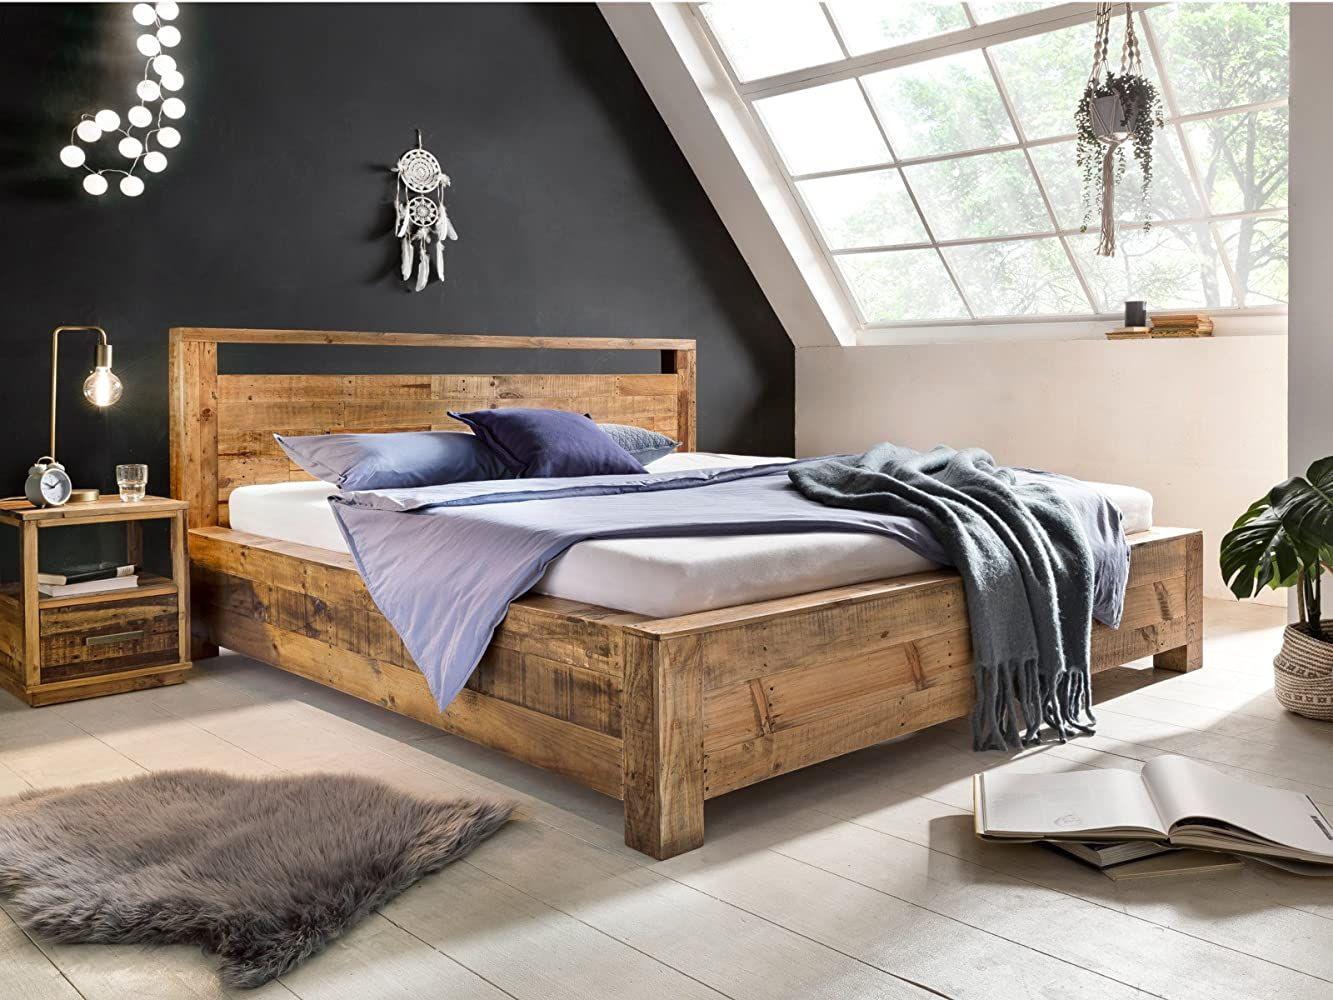 Woodkings Bett 14x14 Havelock Doppelbett recycelte Pinie ...